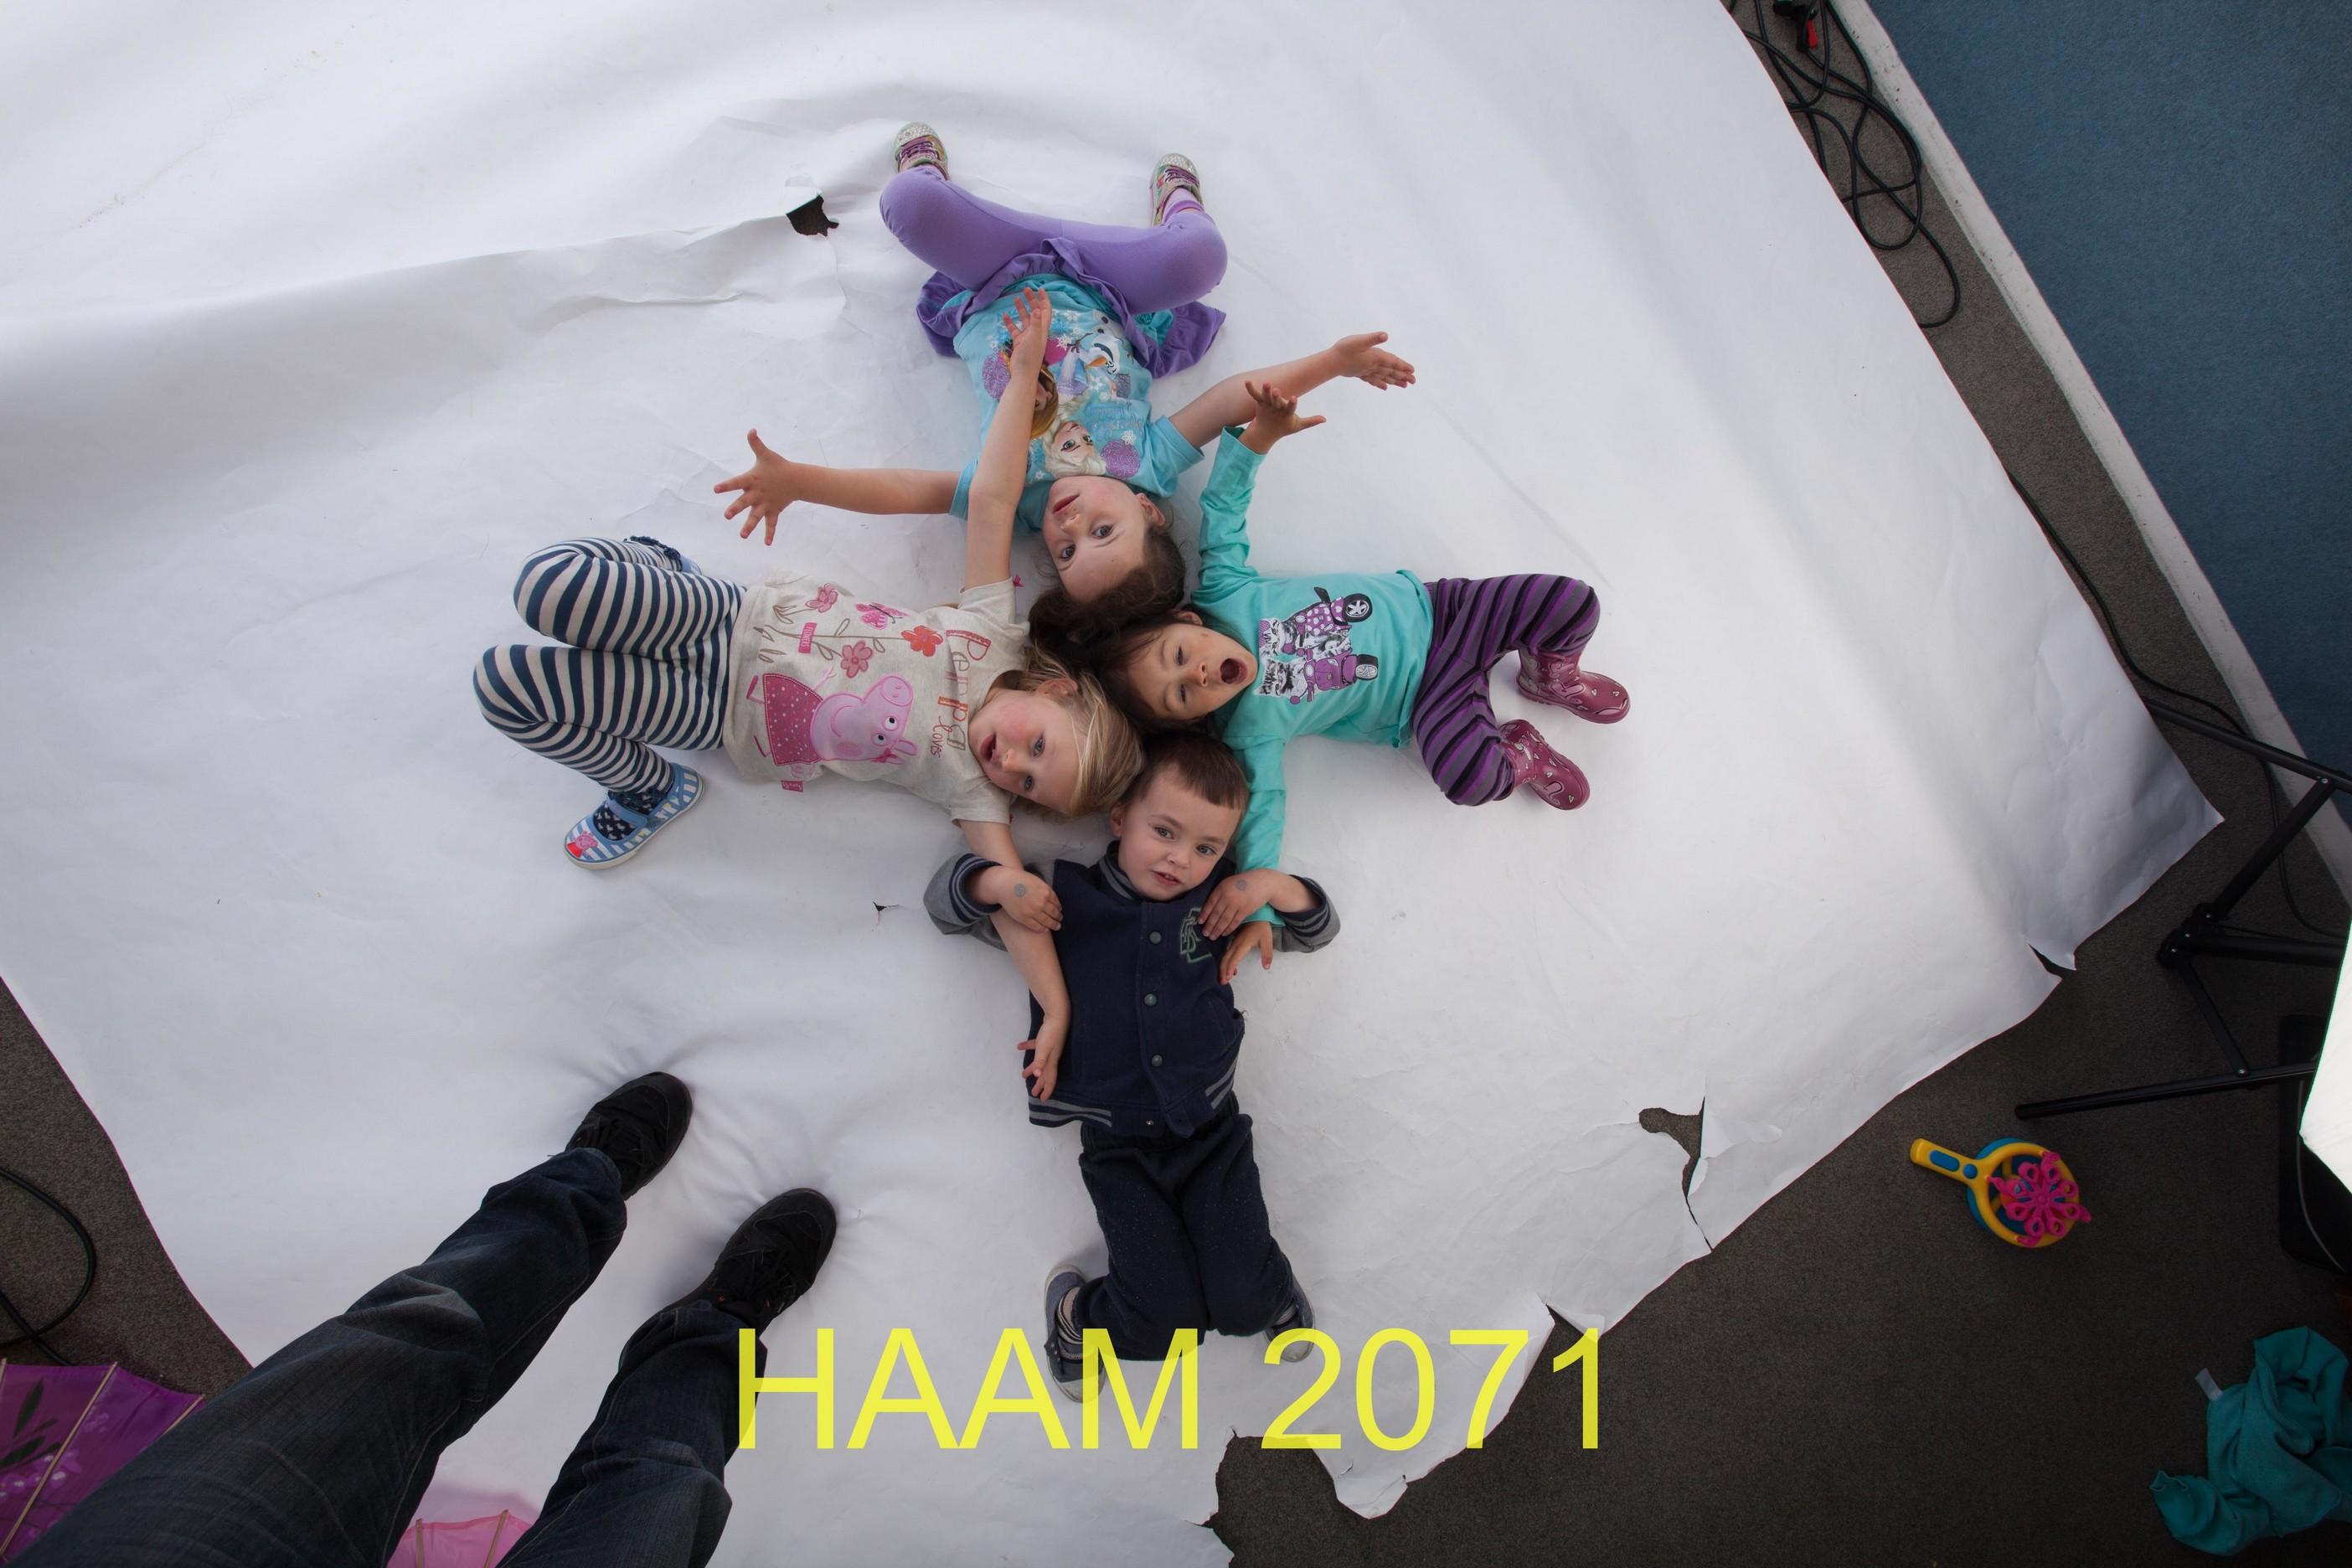 HAAM 2071